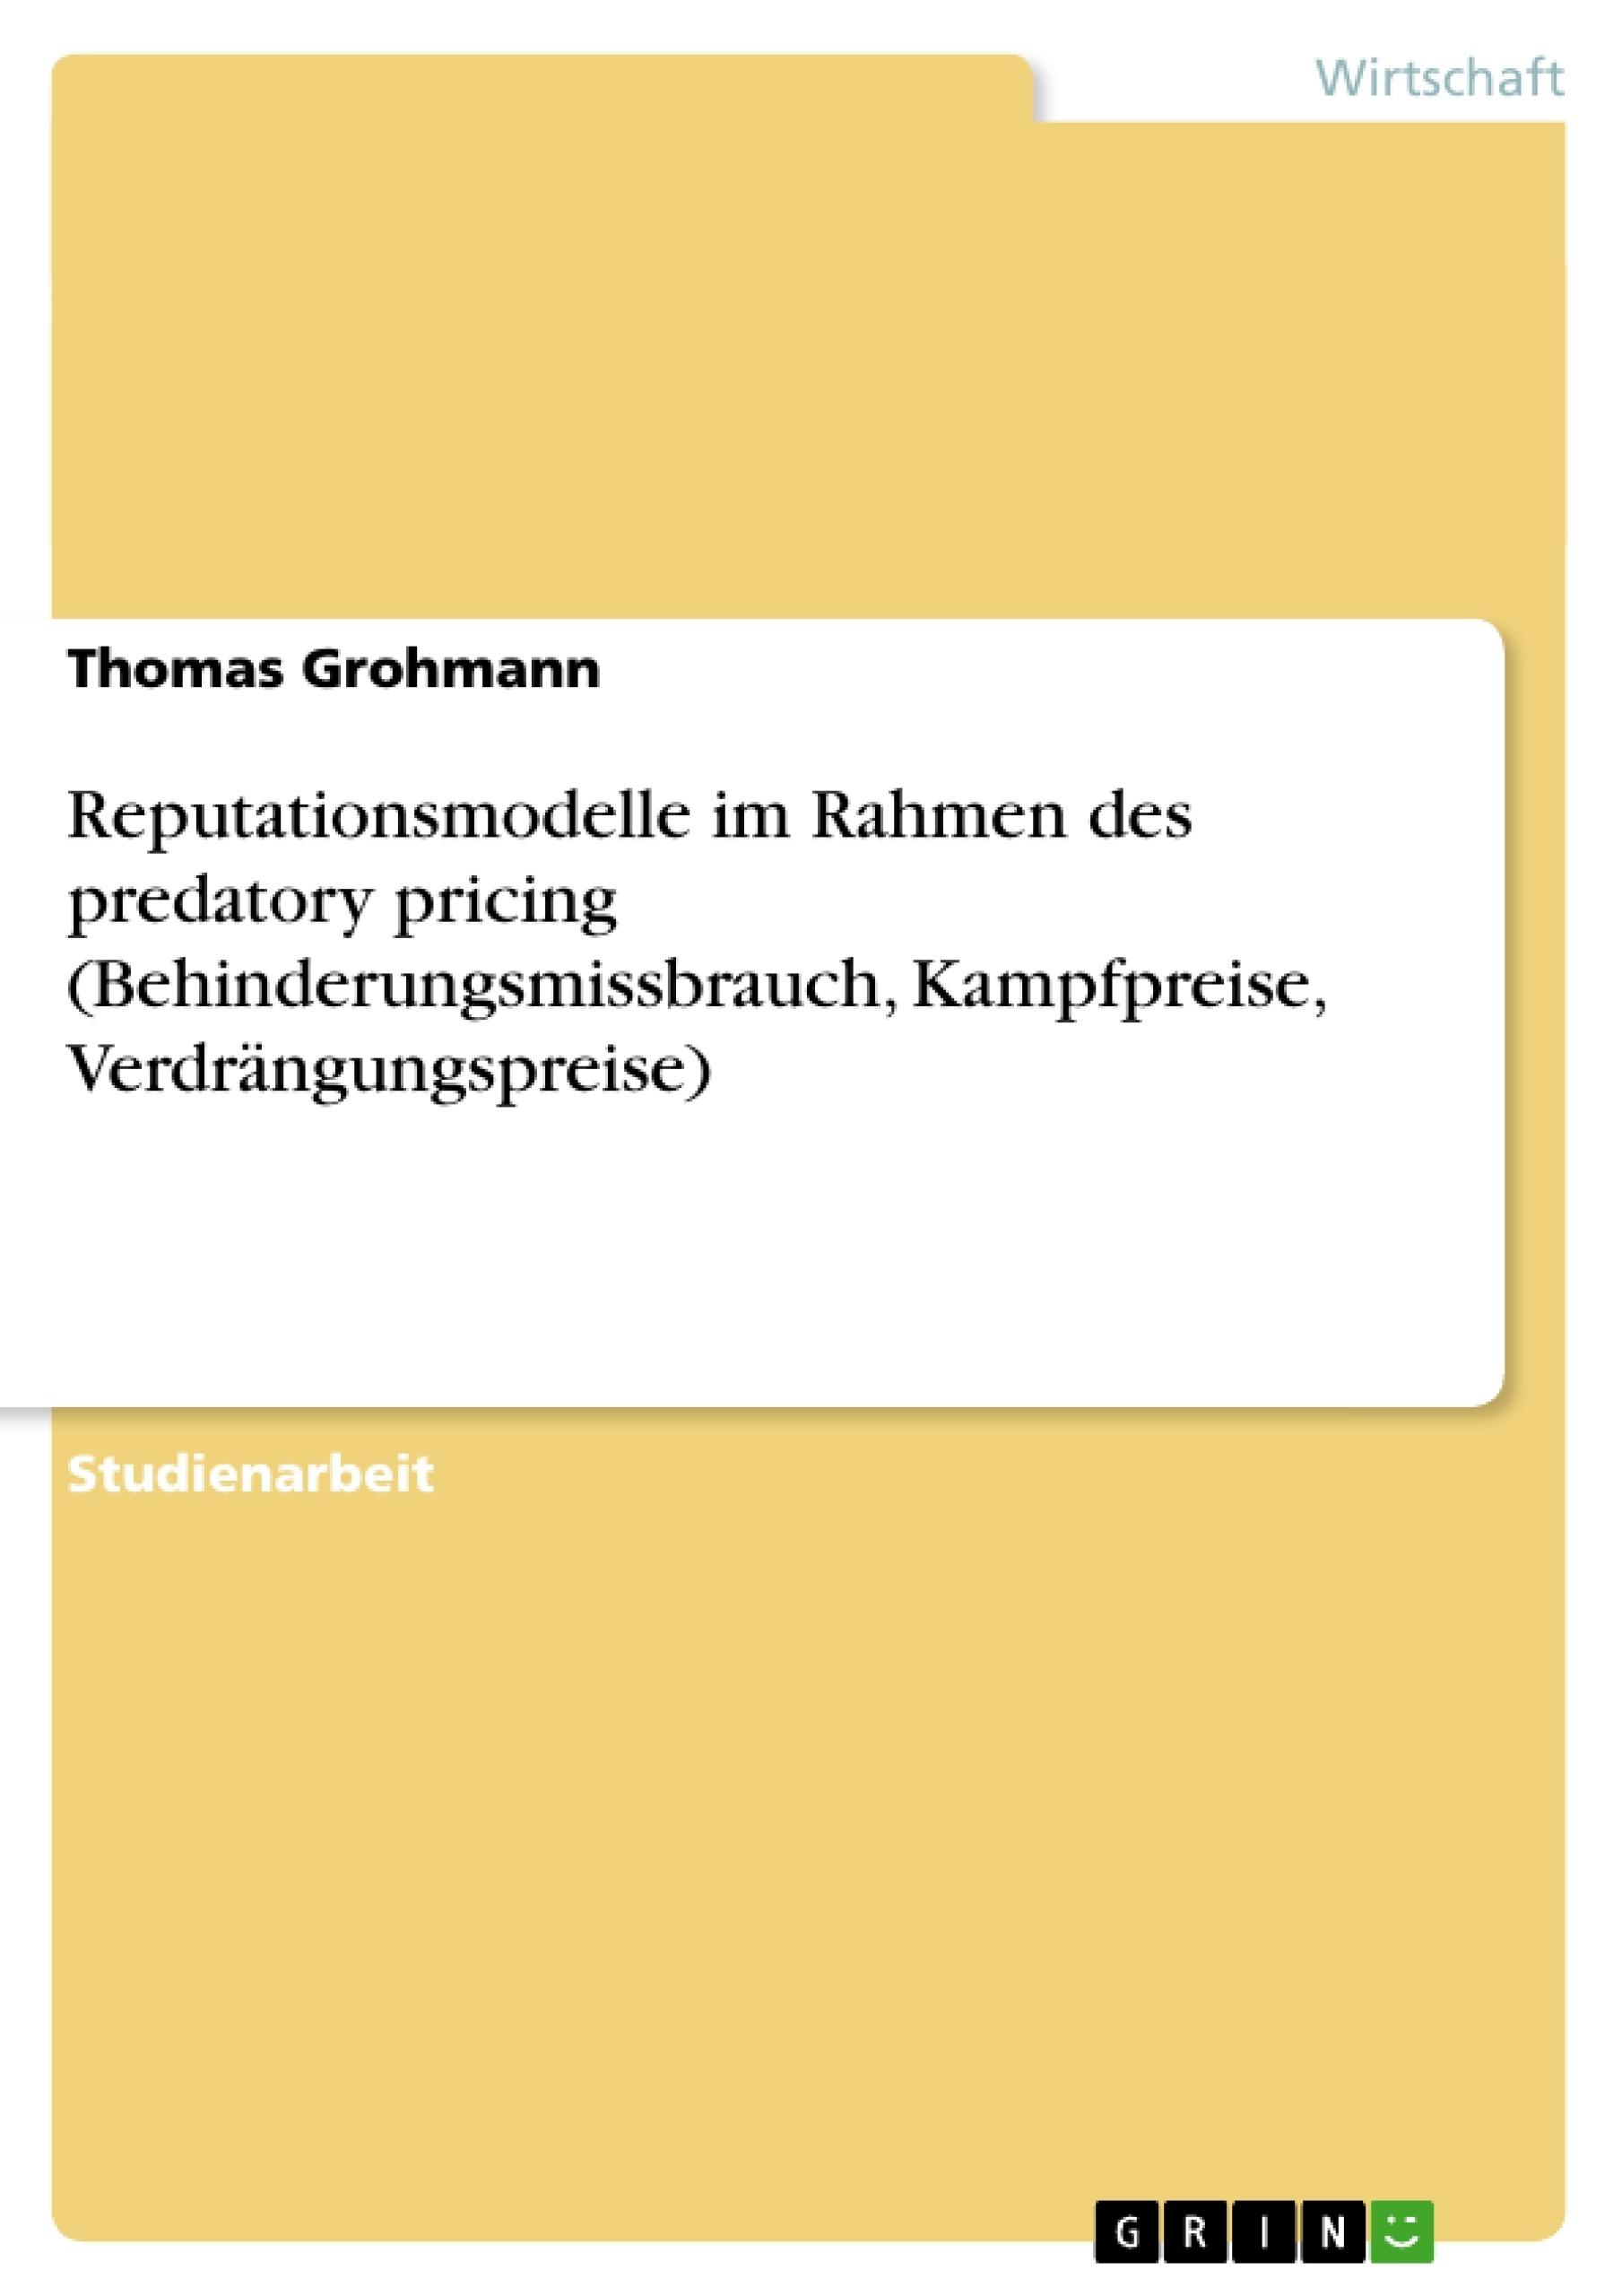 Titel: Reputationsmodelle im Rahmen des predatory pricing (Behinderungsmissbrauch, Kampfpreise, Verdrängungspreise)